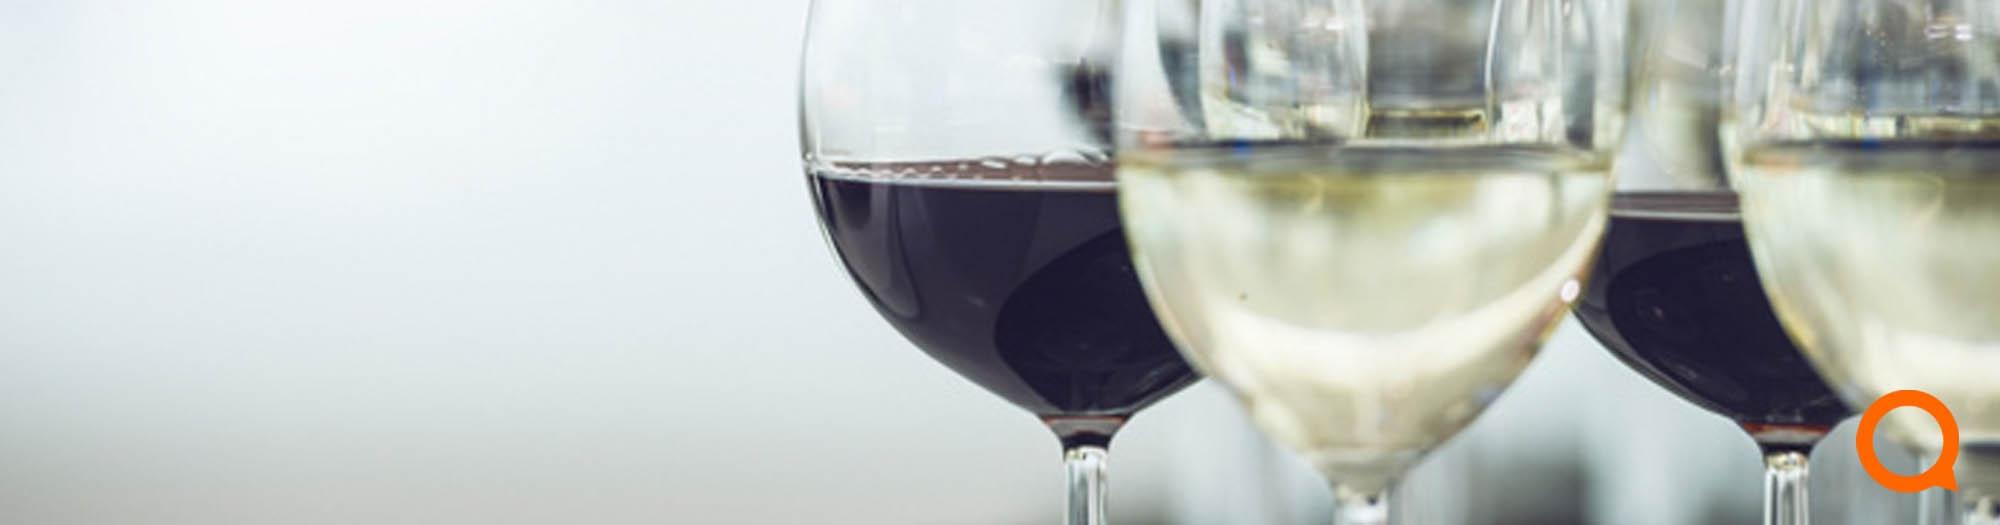 Wijnen op smaak